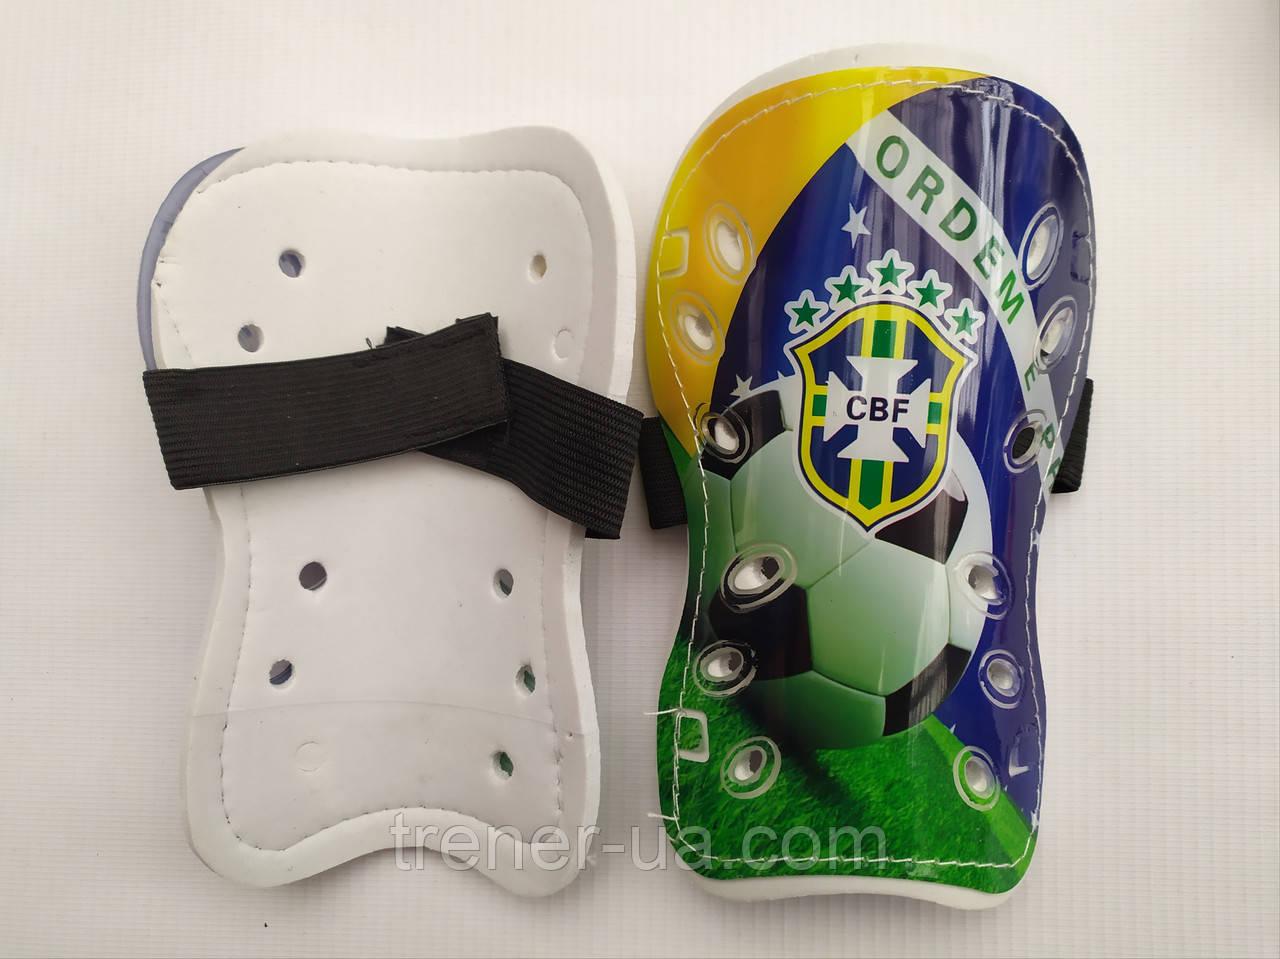 Щитки футбольные детские/щитки детские командные/футбольная защита на ноги/